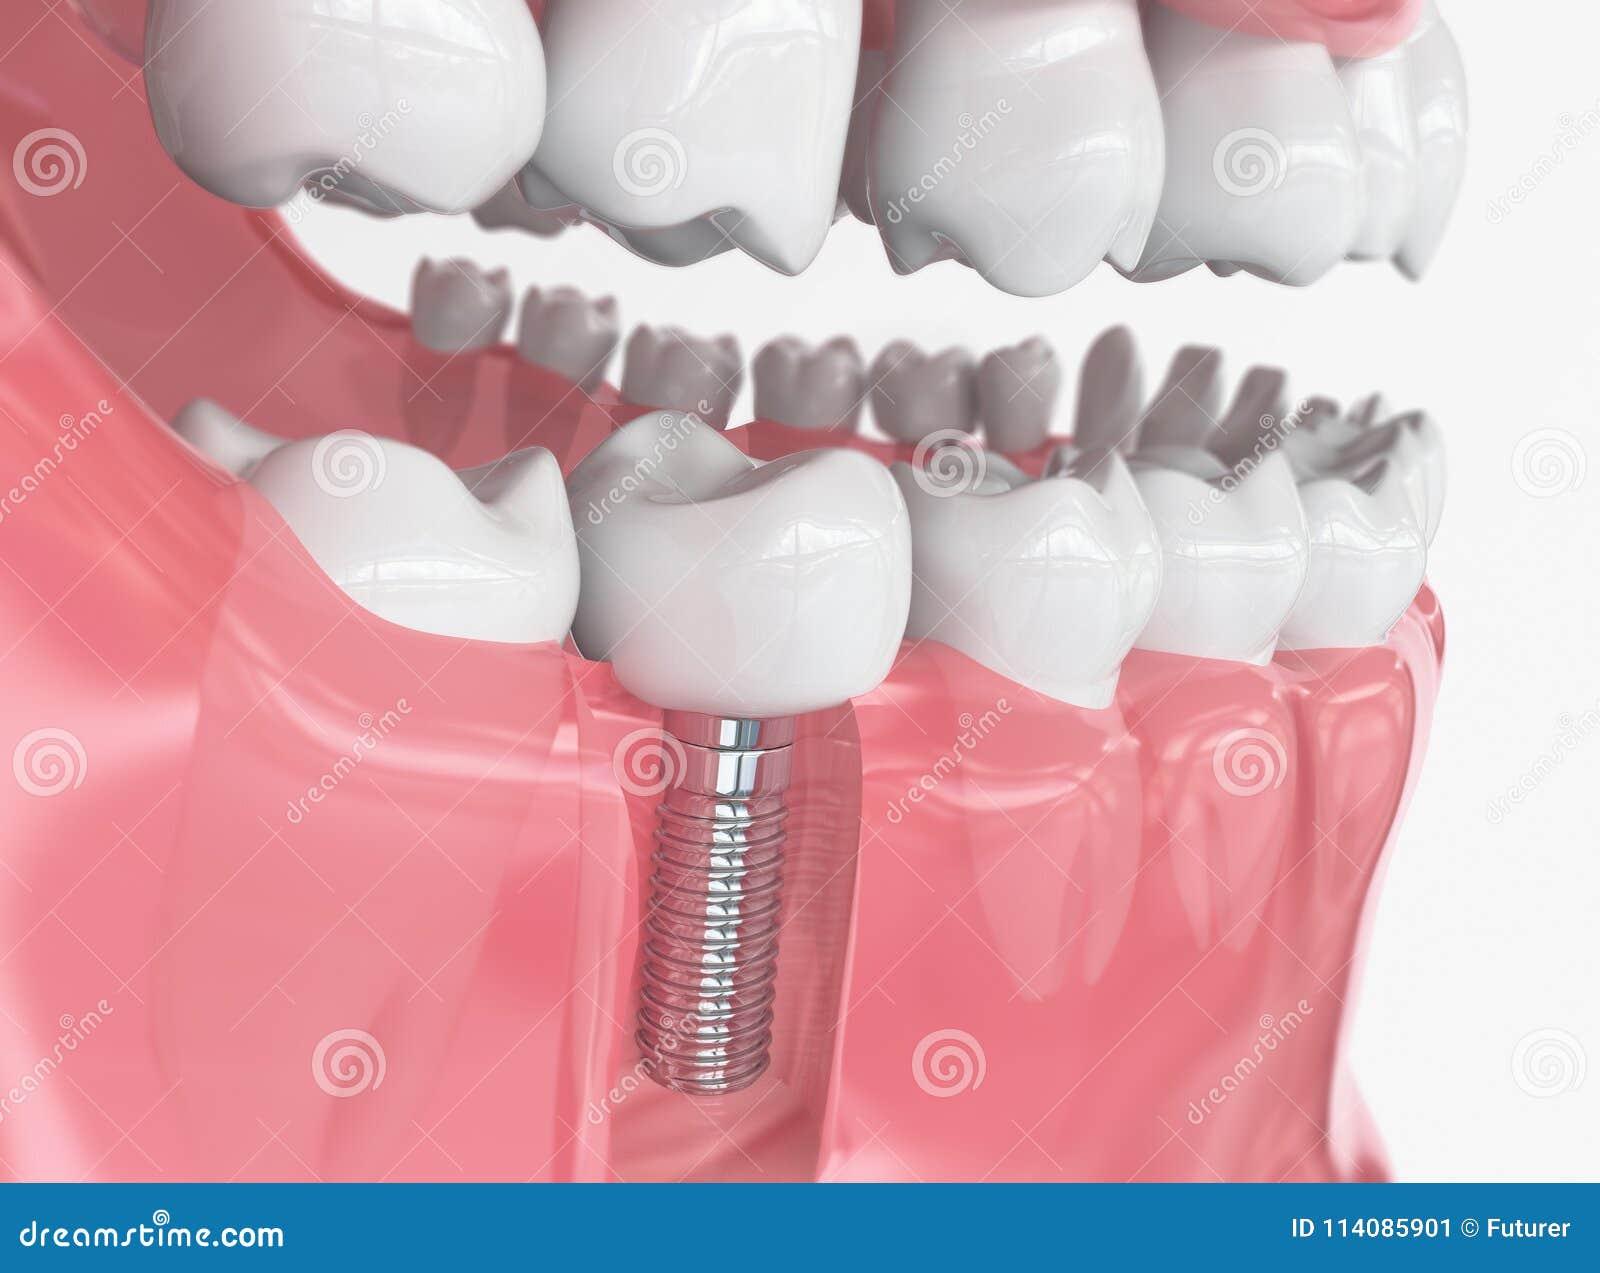 Ανθρώπινο μόσχευμα δοντιών - τρισδιάστατη απόδοση